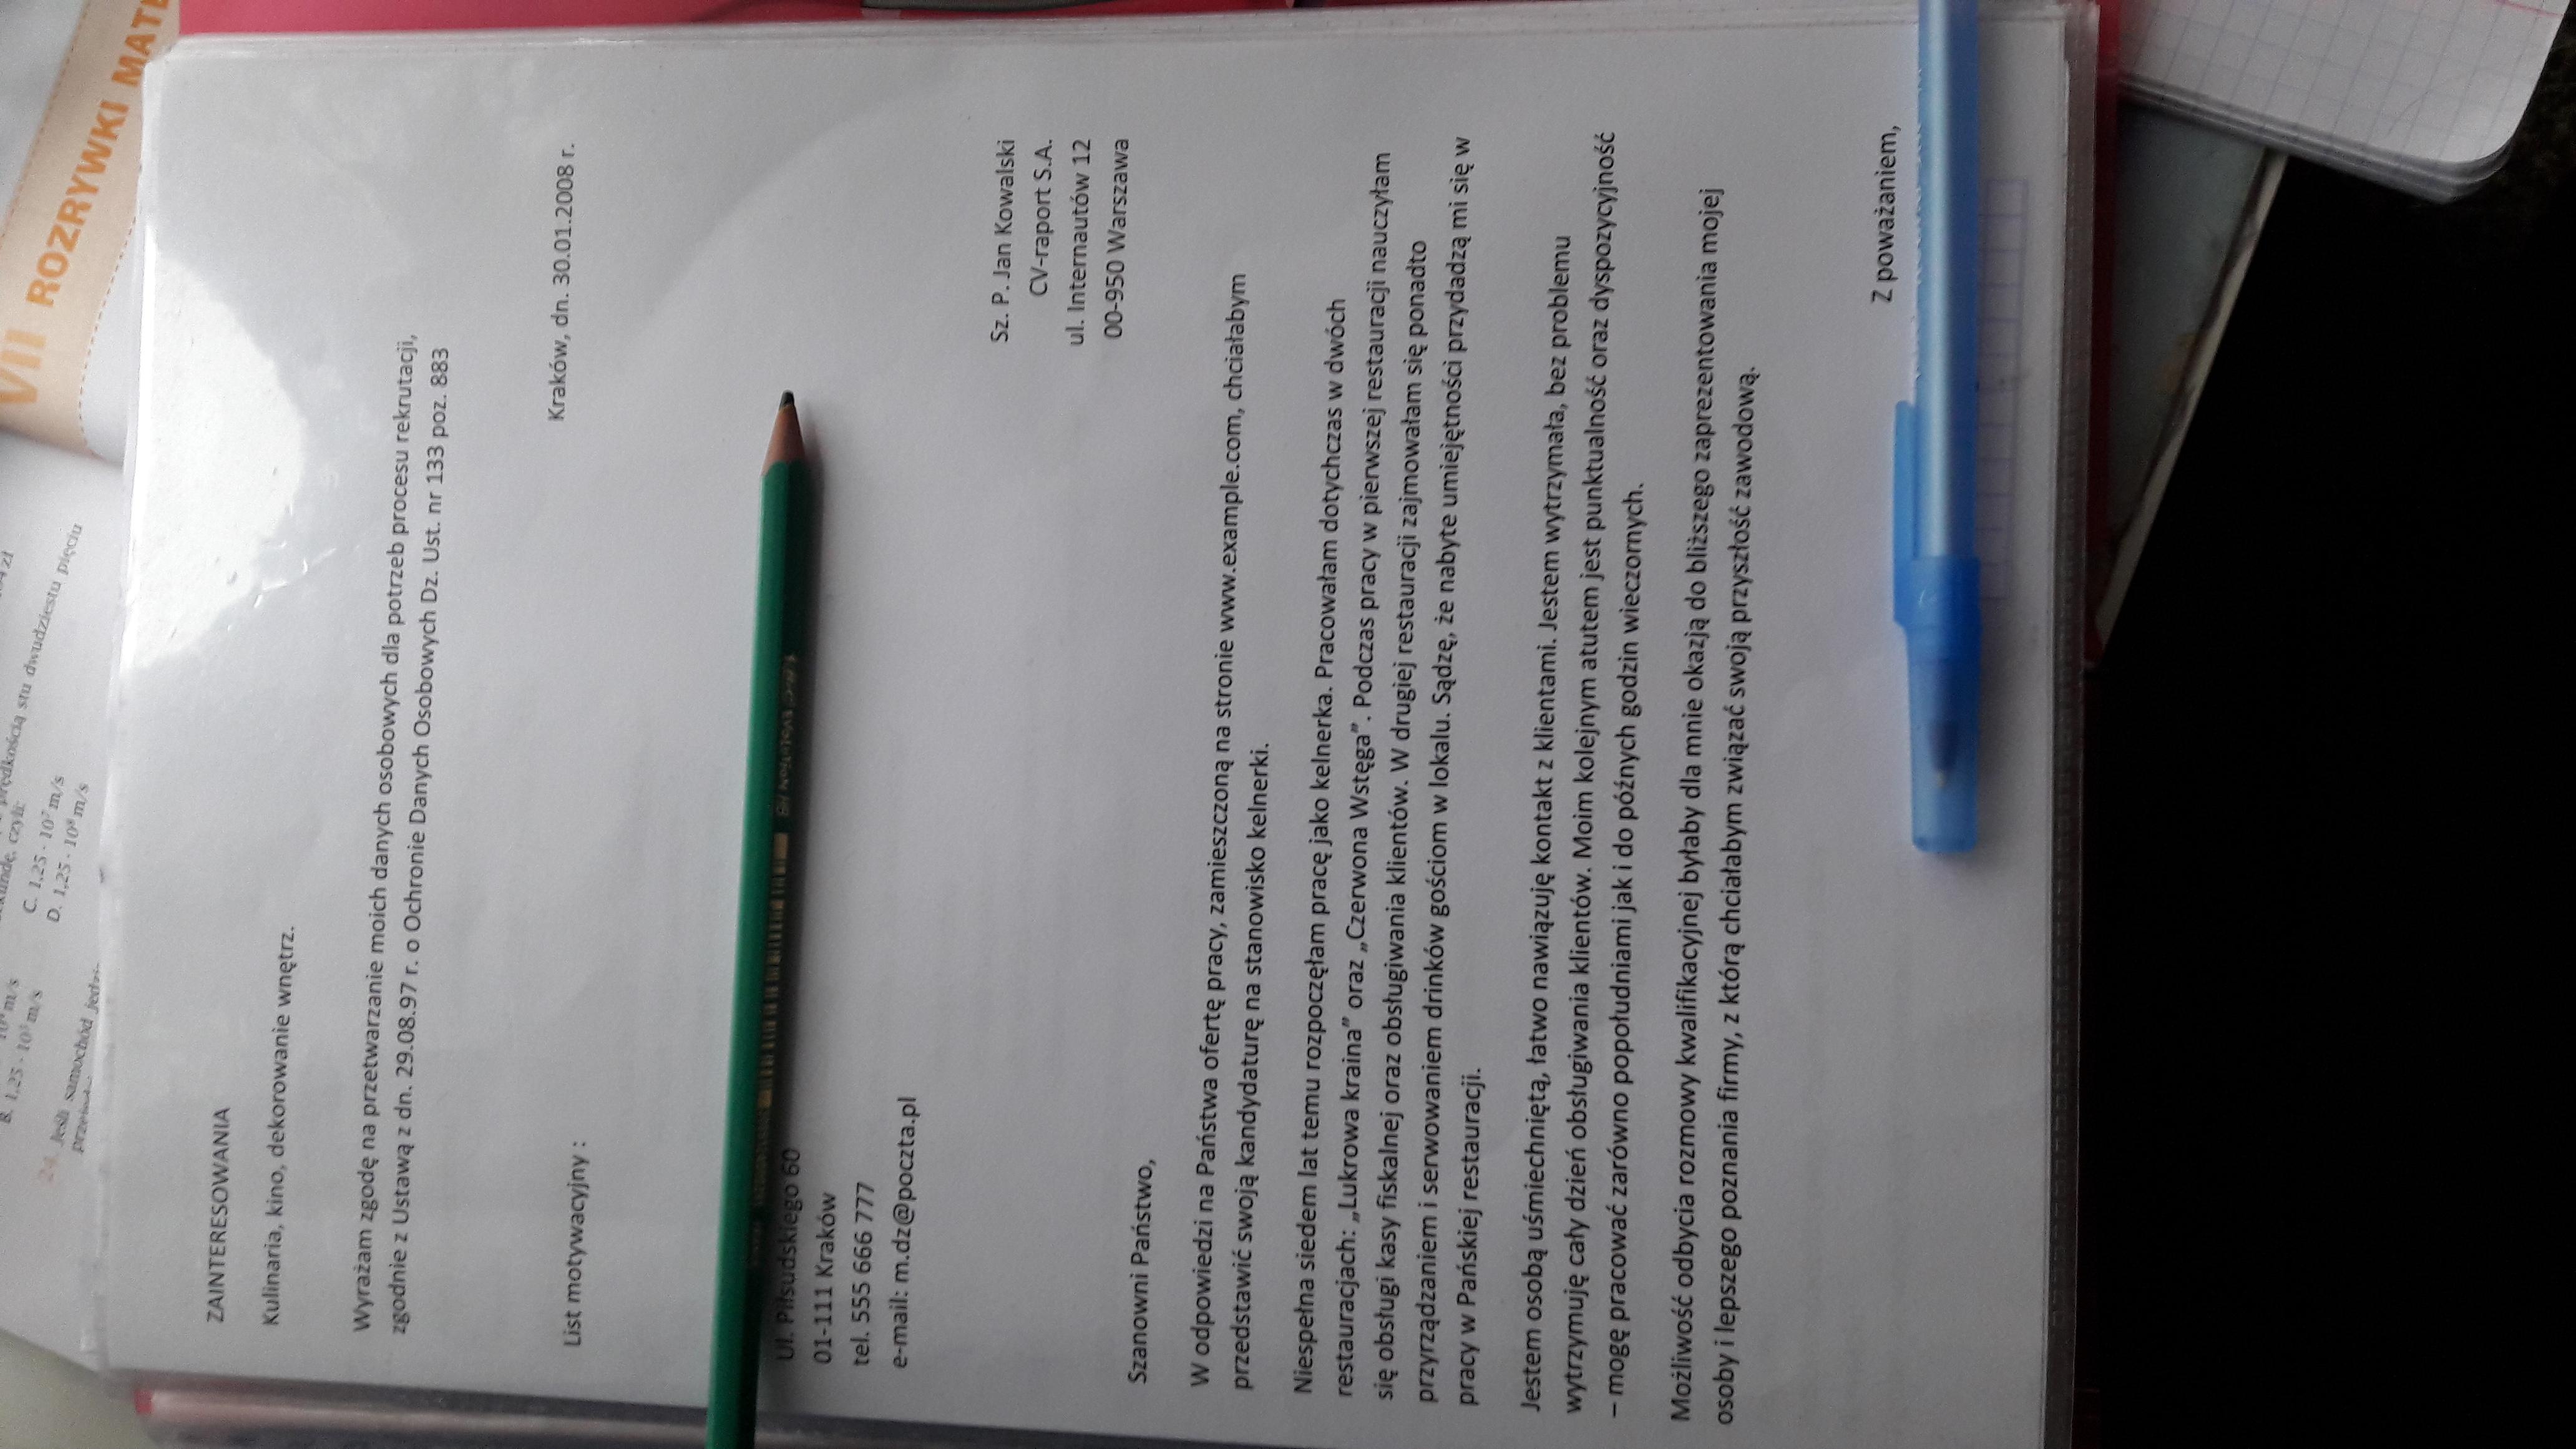 Napisz List Motywacyjny Podanoe Do Szkoly Technikum Reklamy